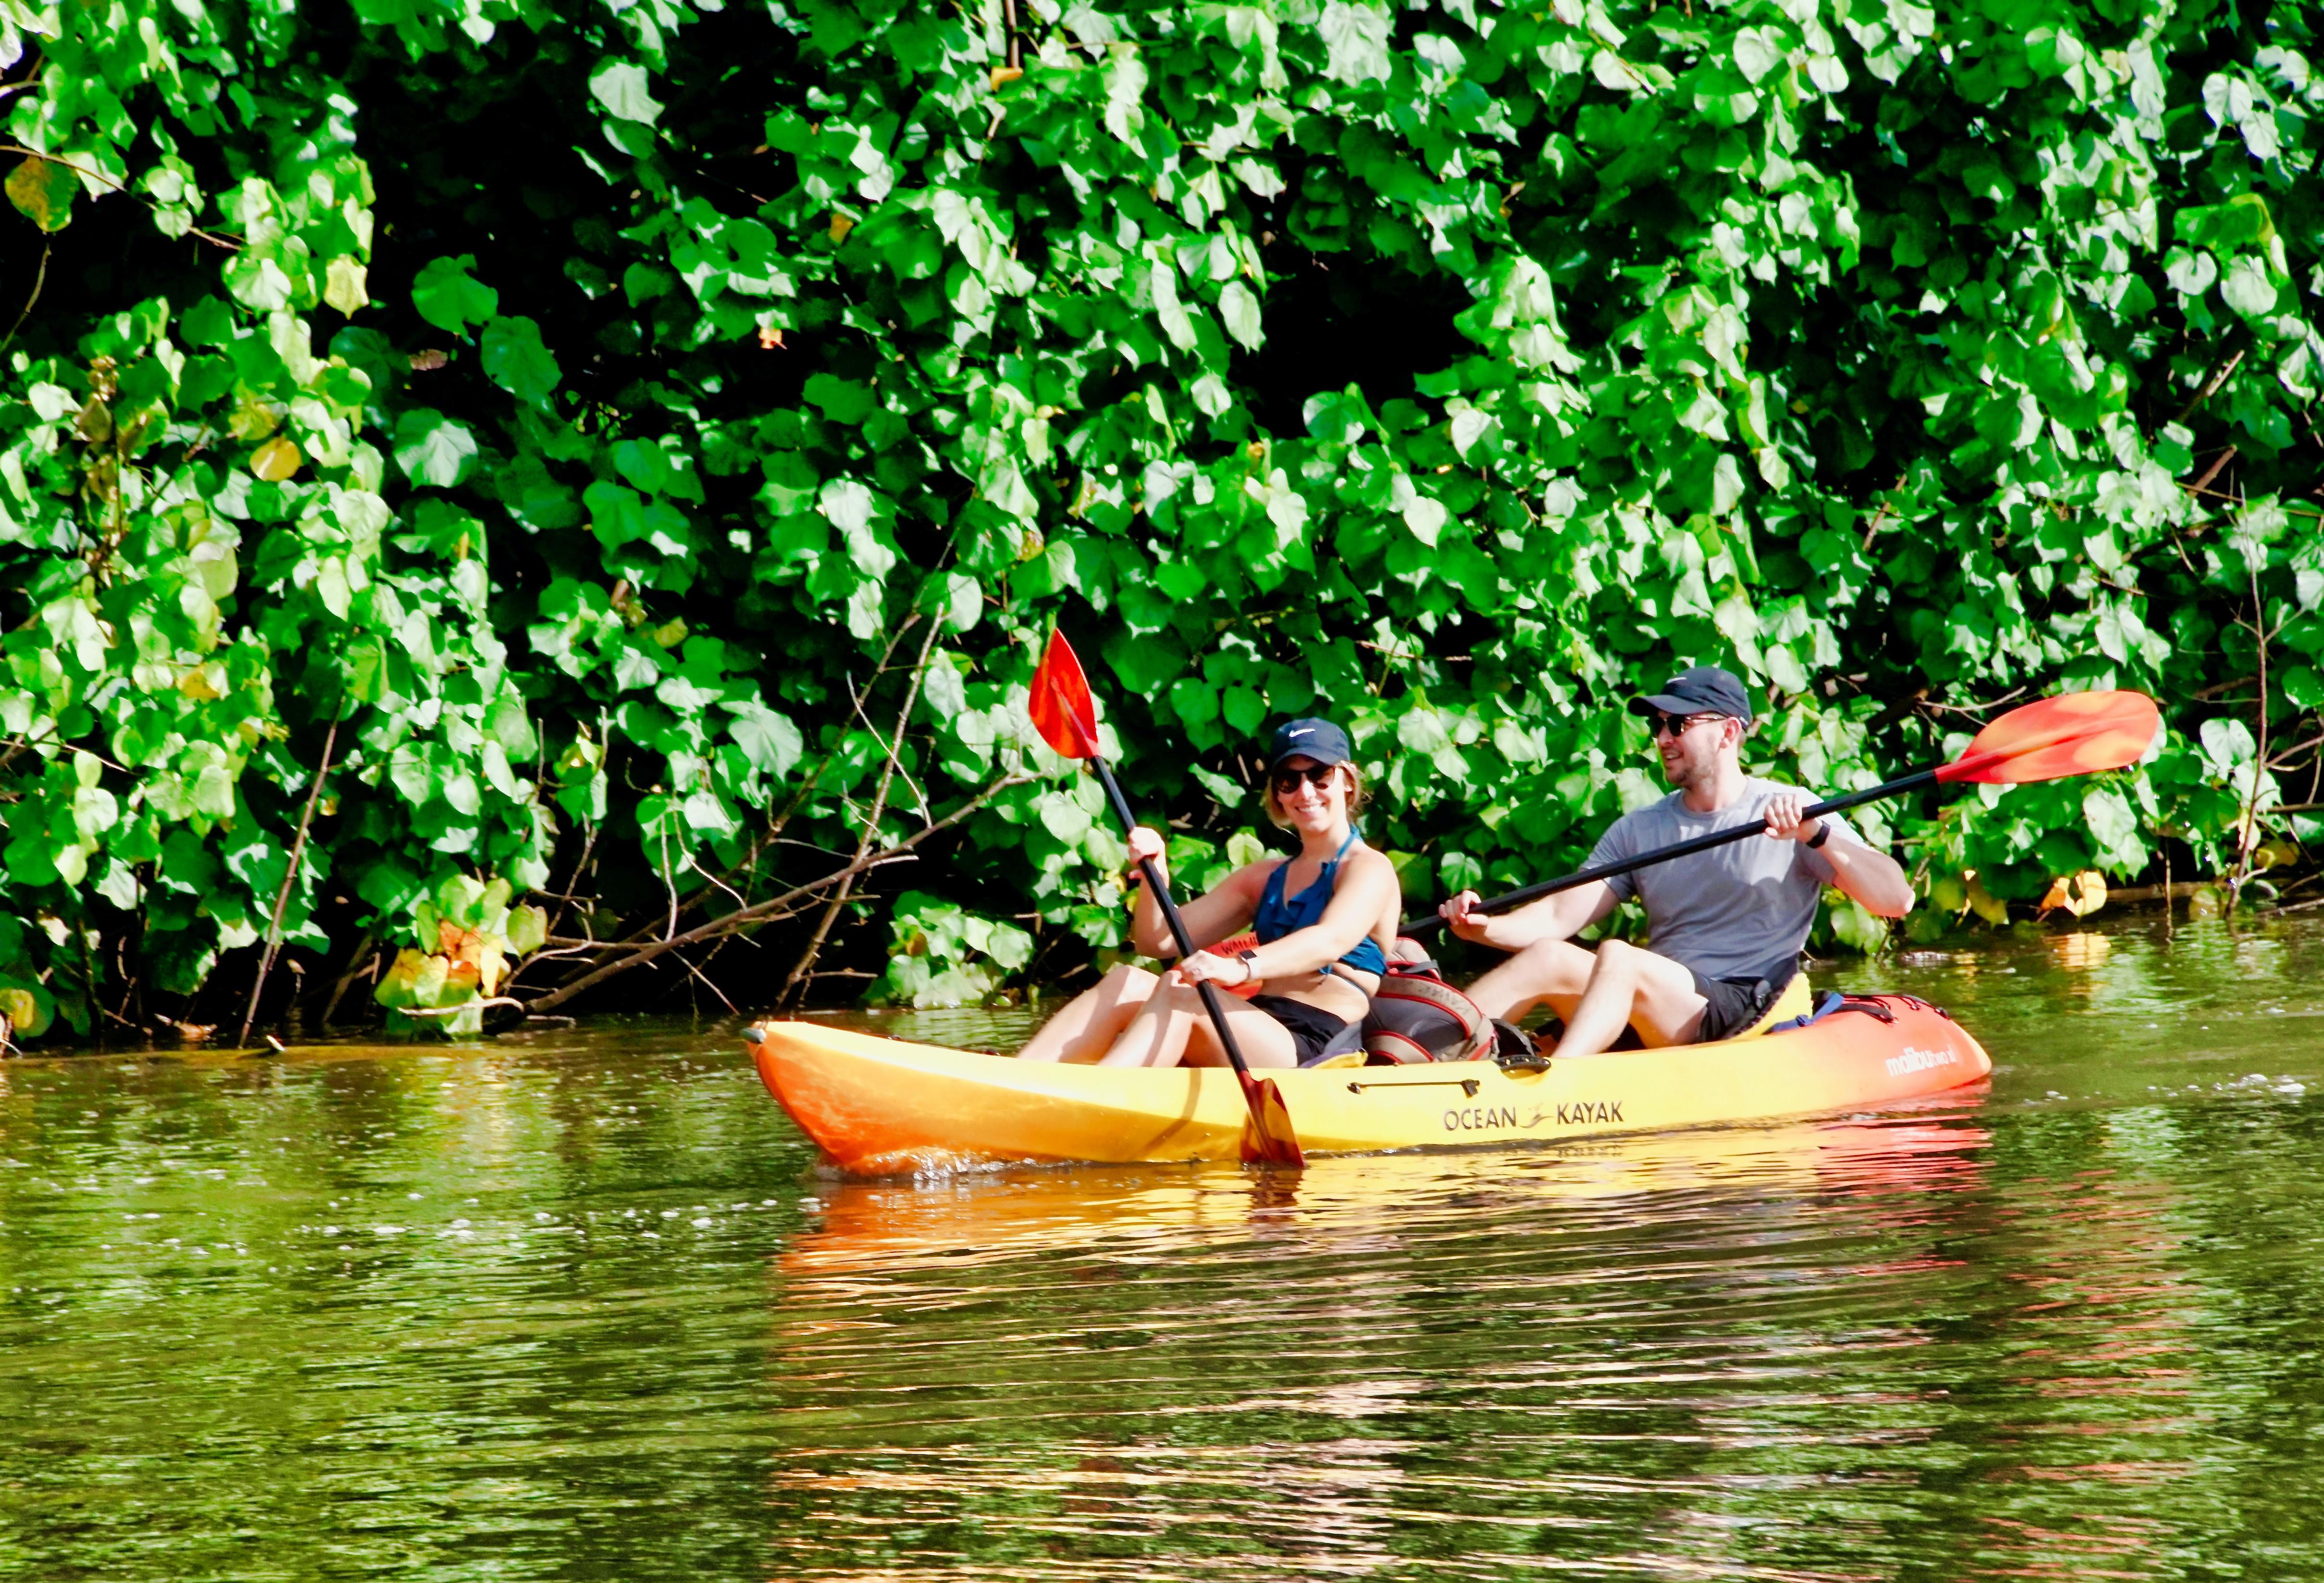 2er Kayak reservieren 3h (Sa/So 9-12Uhr)